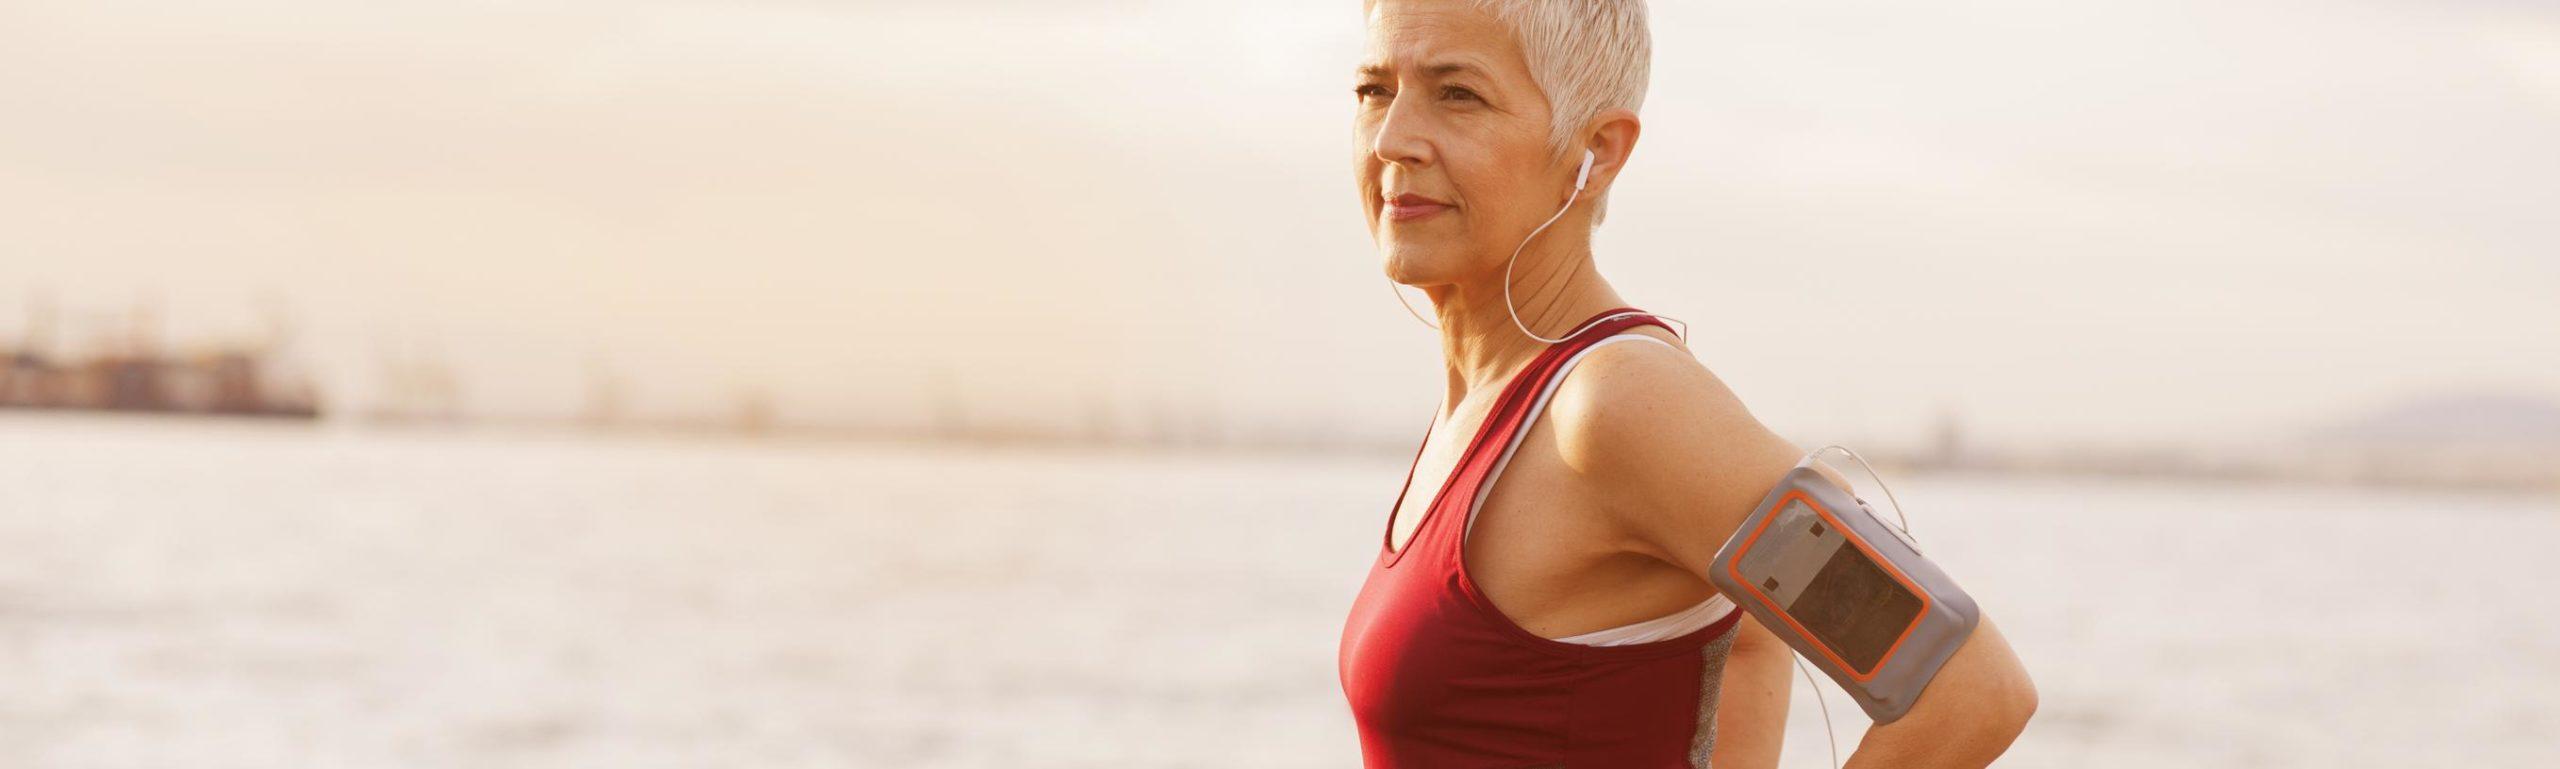 activité sportive pour bien vieillir